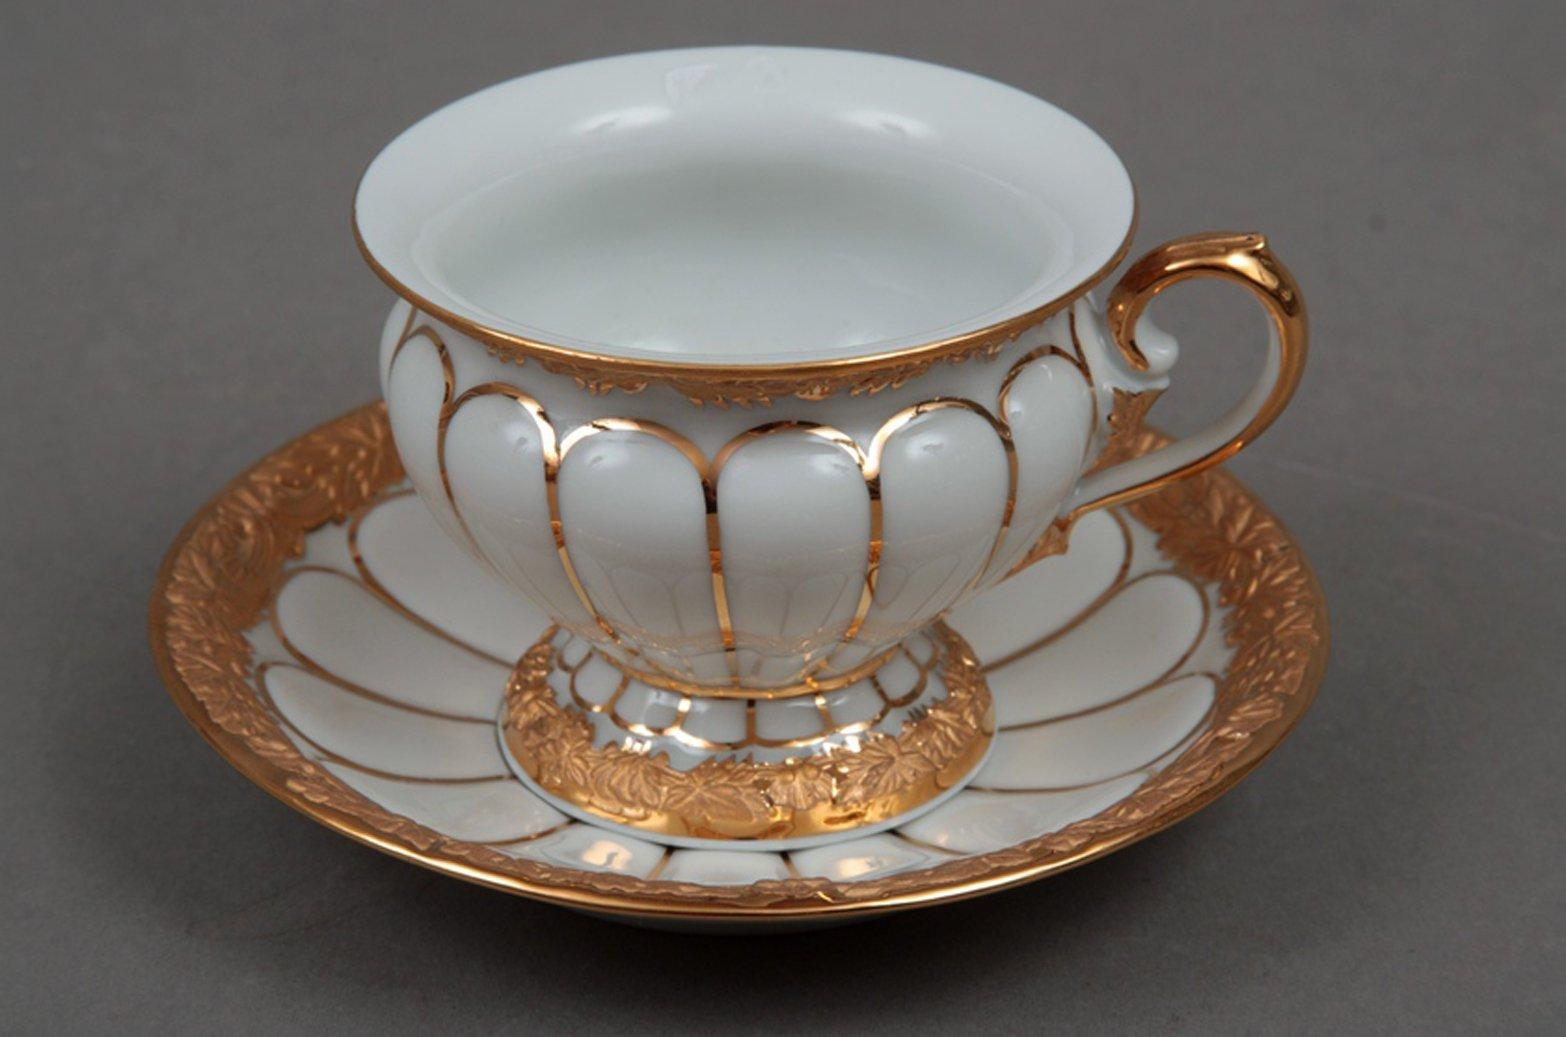 meissen porzellan tasse und untertasse mit goldenem muster. Black Bedroom Furniture Sets. Home Design Ideas